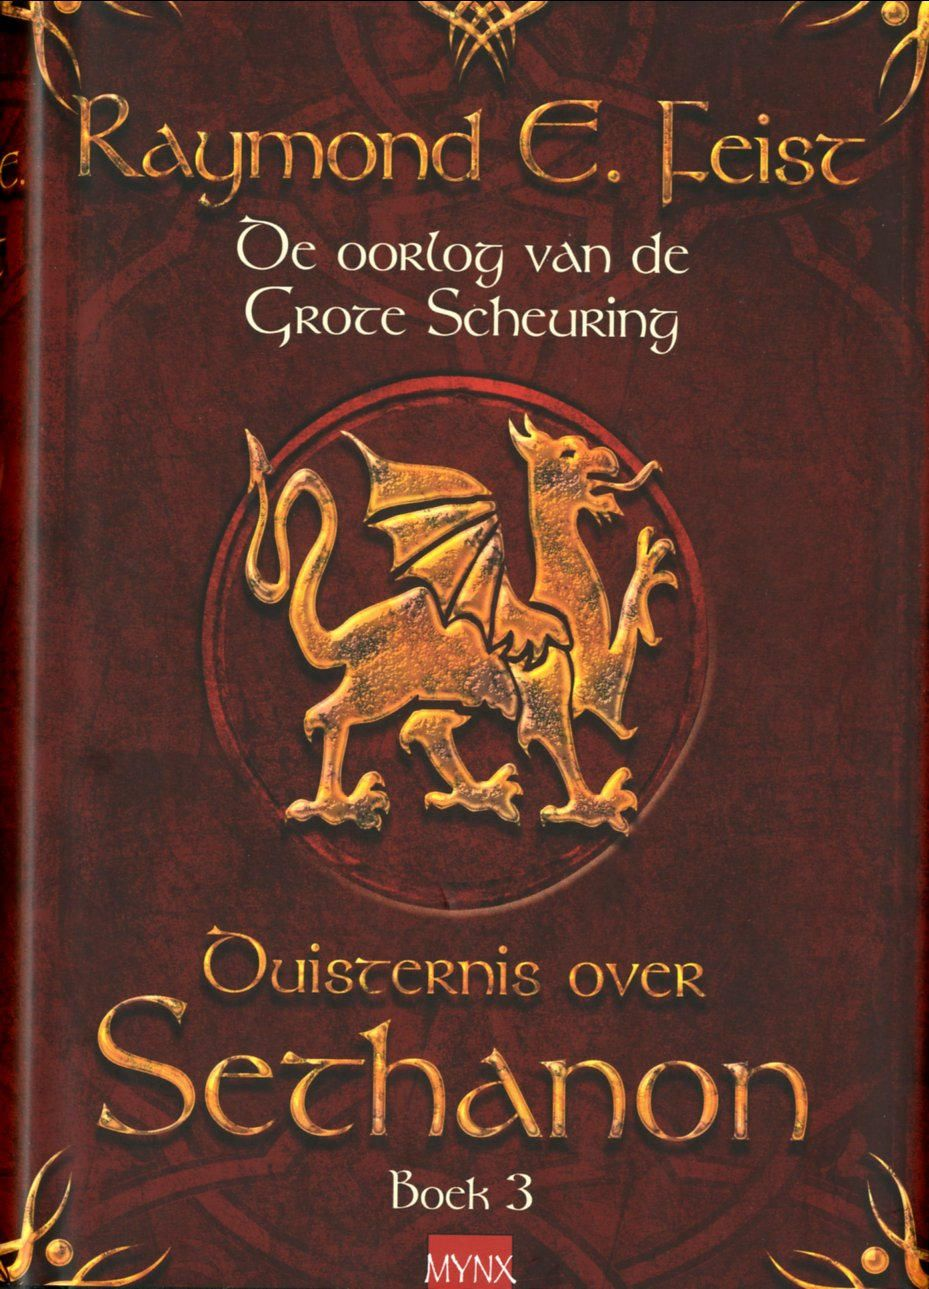 boek 3 - raymond e feist - duisternis over sethanon